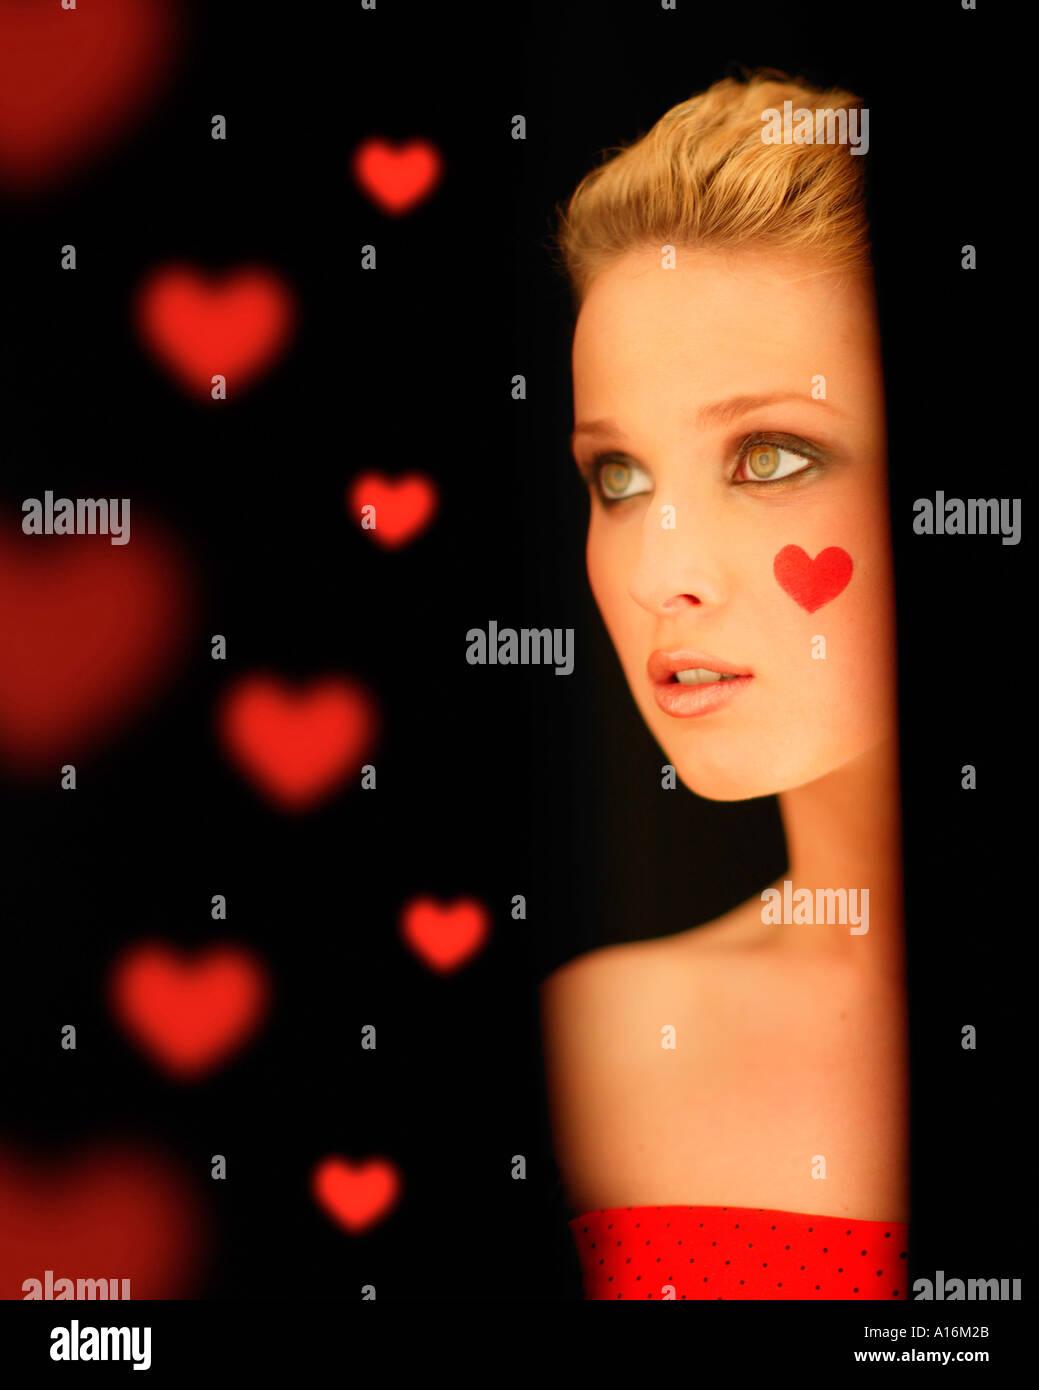 Portrait de la jeune femme de 18, 19, 20, 21, 20-24, 24-29, 30-34, avec coeur rouge peint sur sa joue Banque D'Images